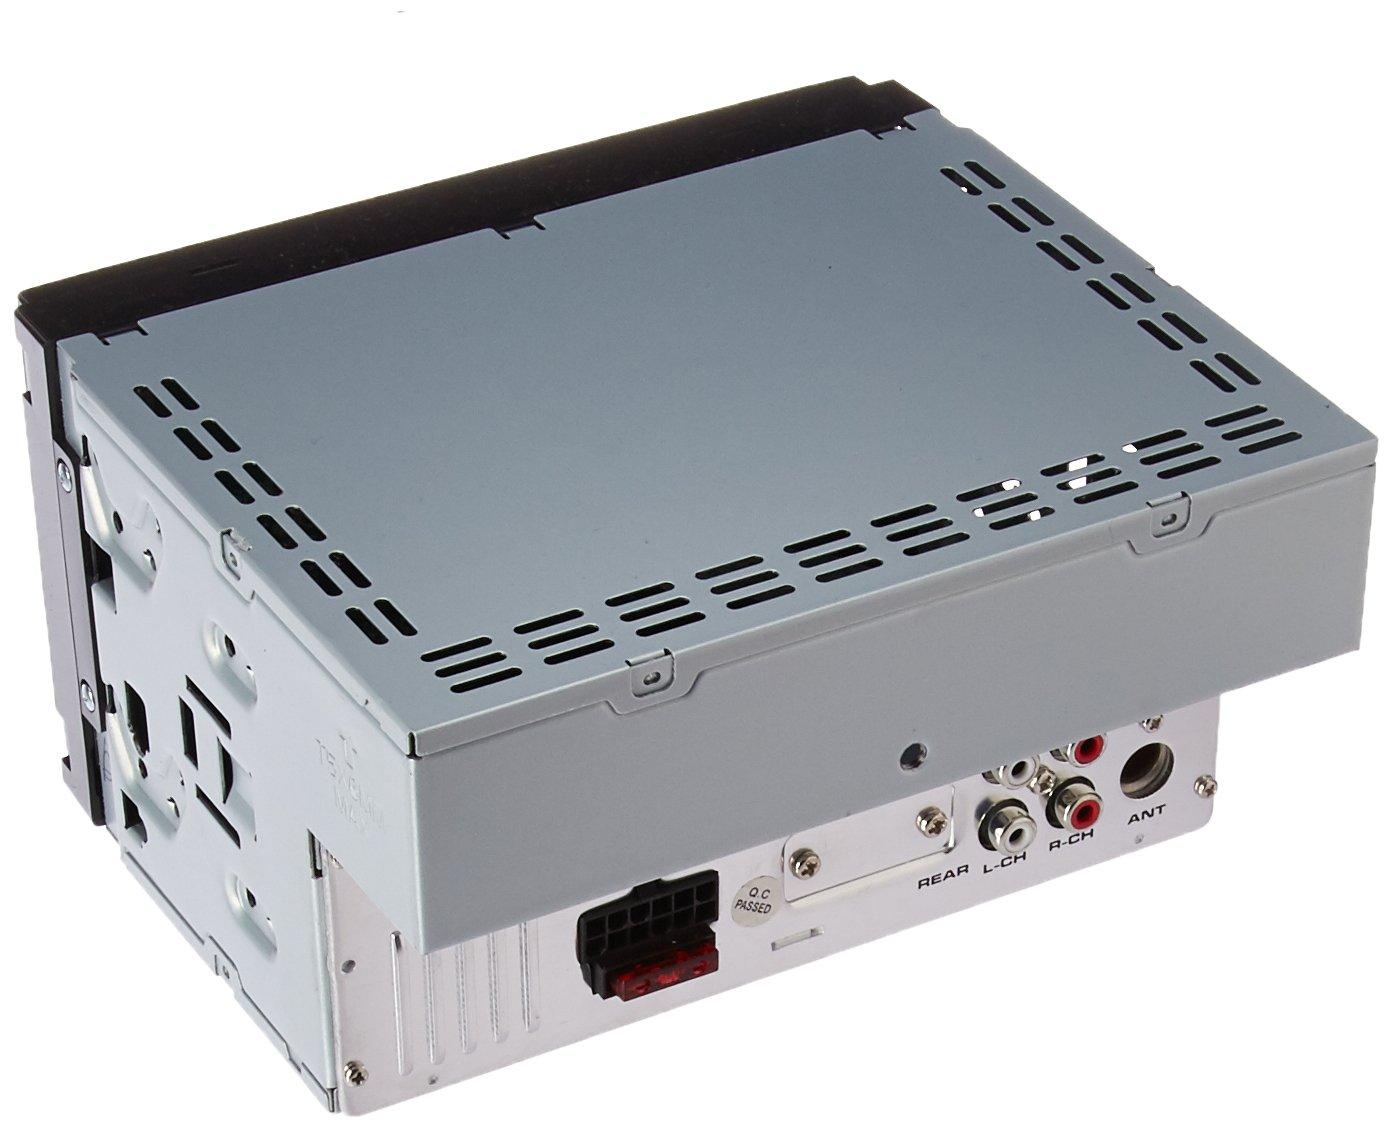 Amazon.com: Dual Electronics DXRM57BT 50 Watts 4-channel AM/FM ...